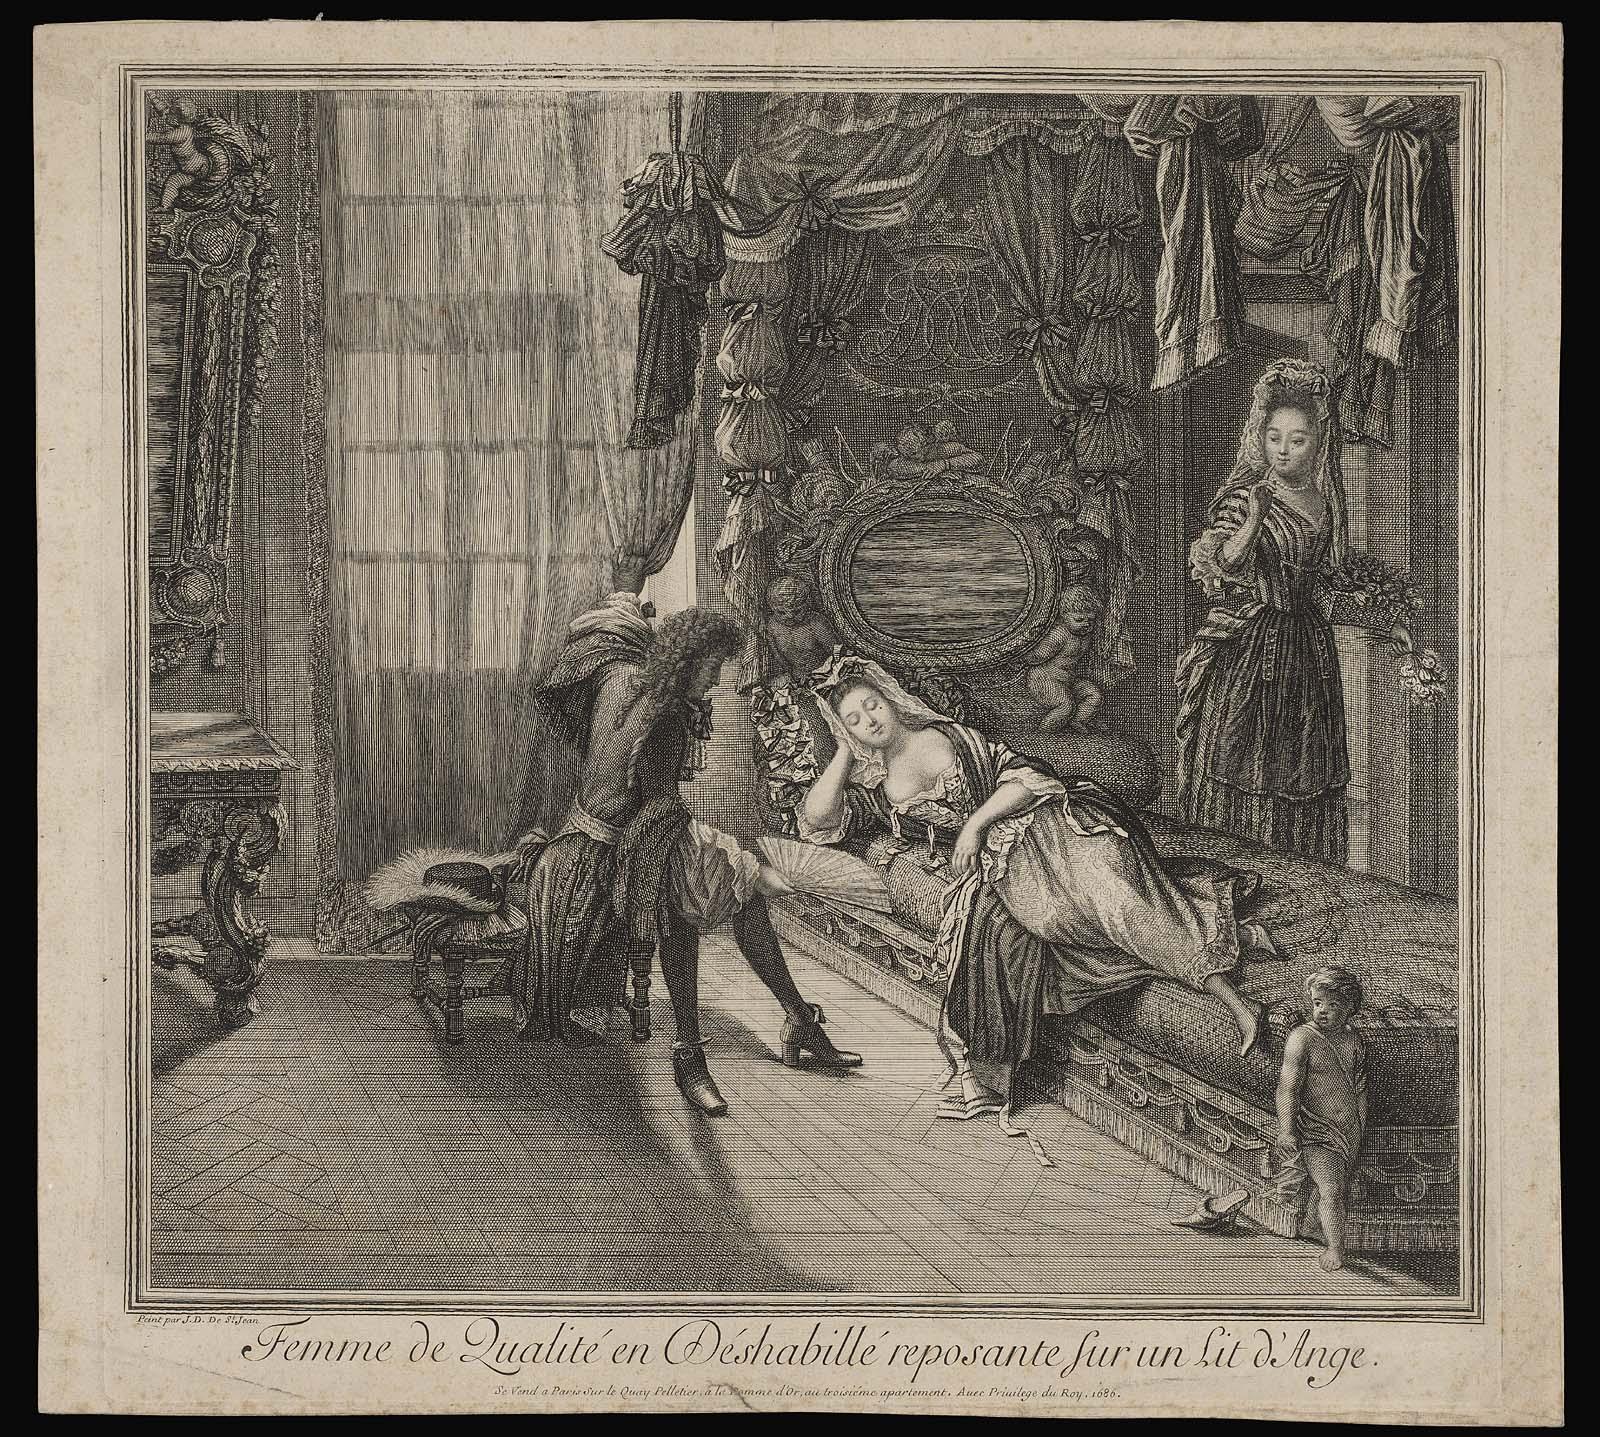 Ange Femme femme de qualité en déshabillé reposante sur un lit d'ange | museum